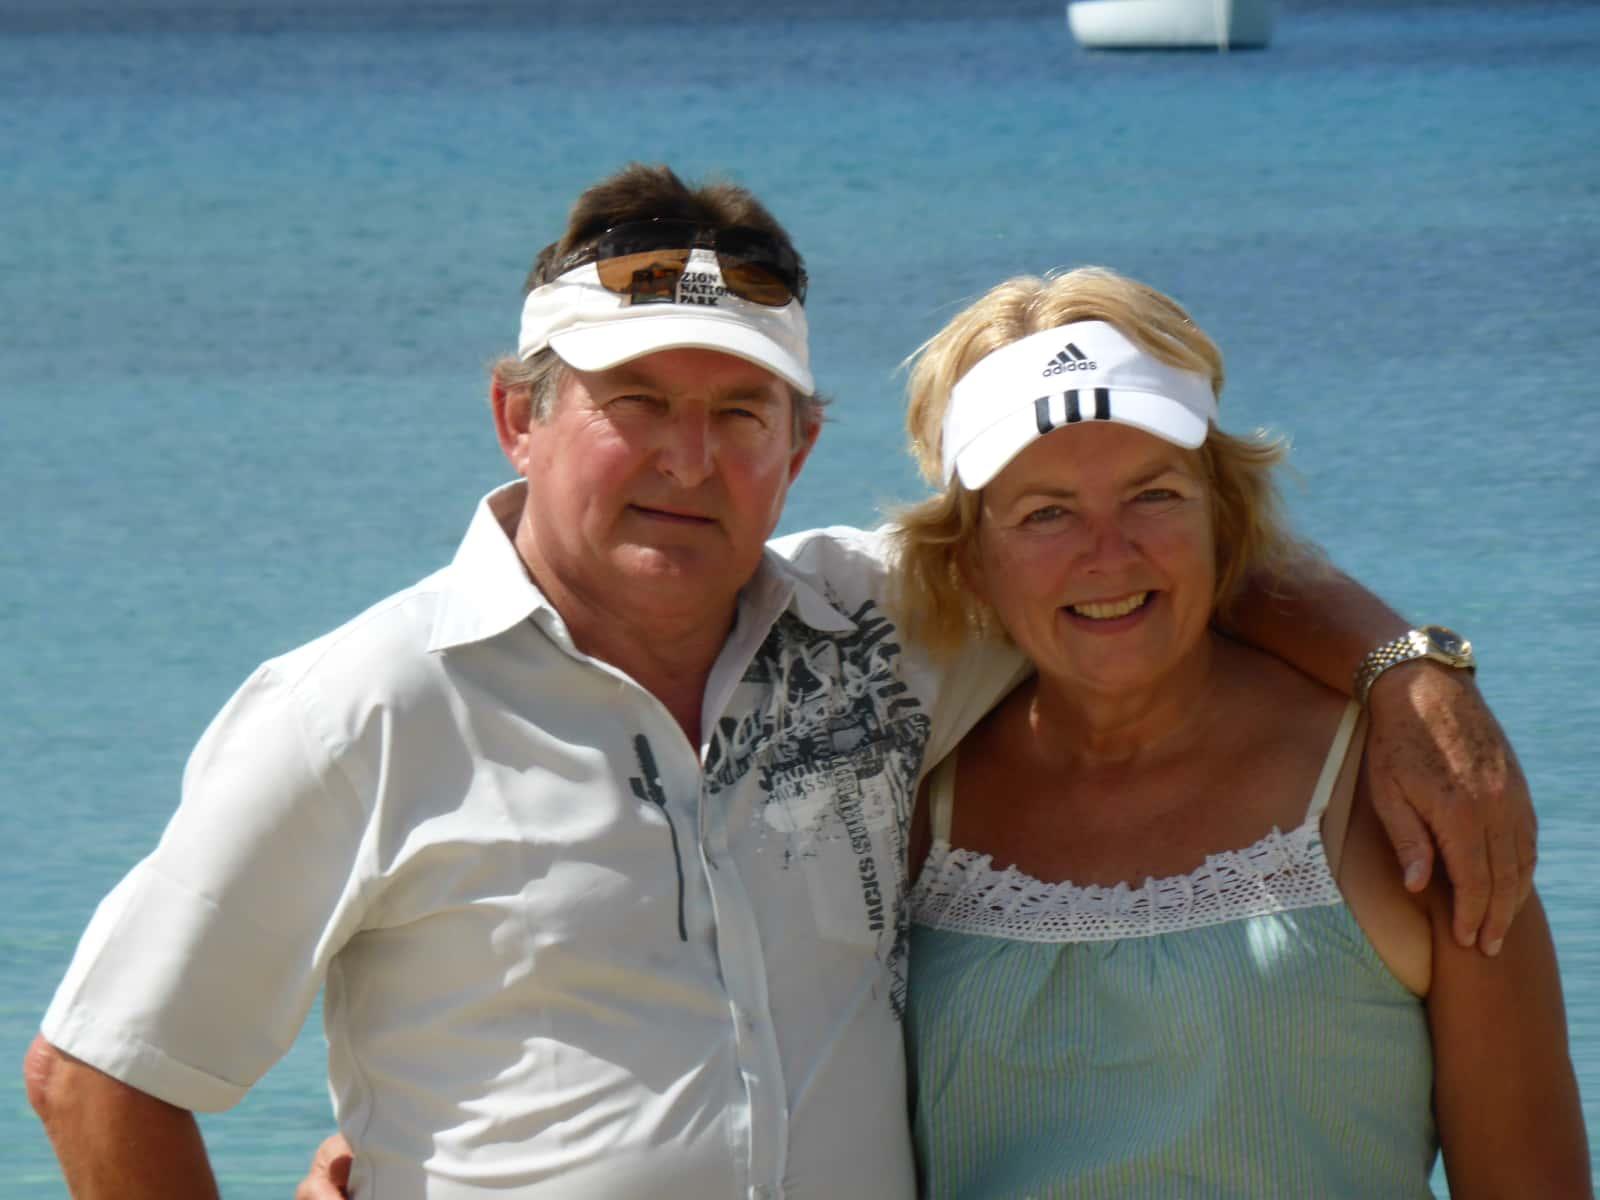 Allen & Linda from Broadbeach, Queensland, Australia